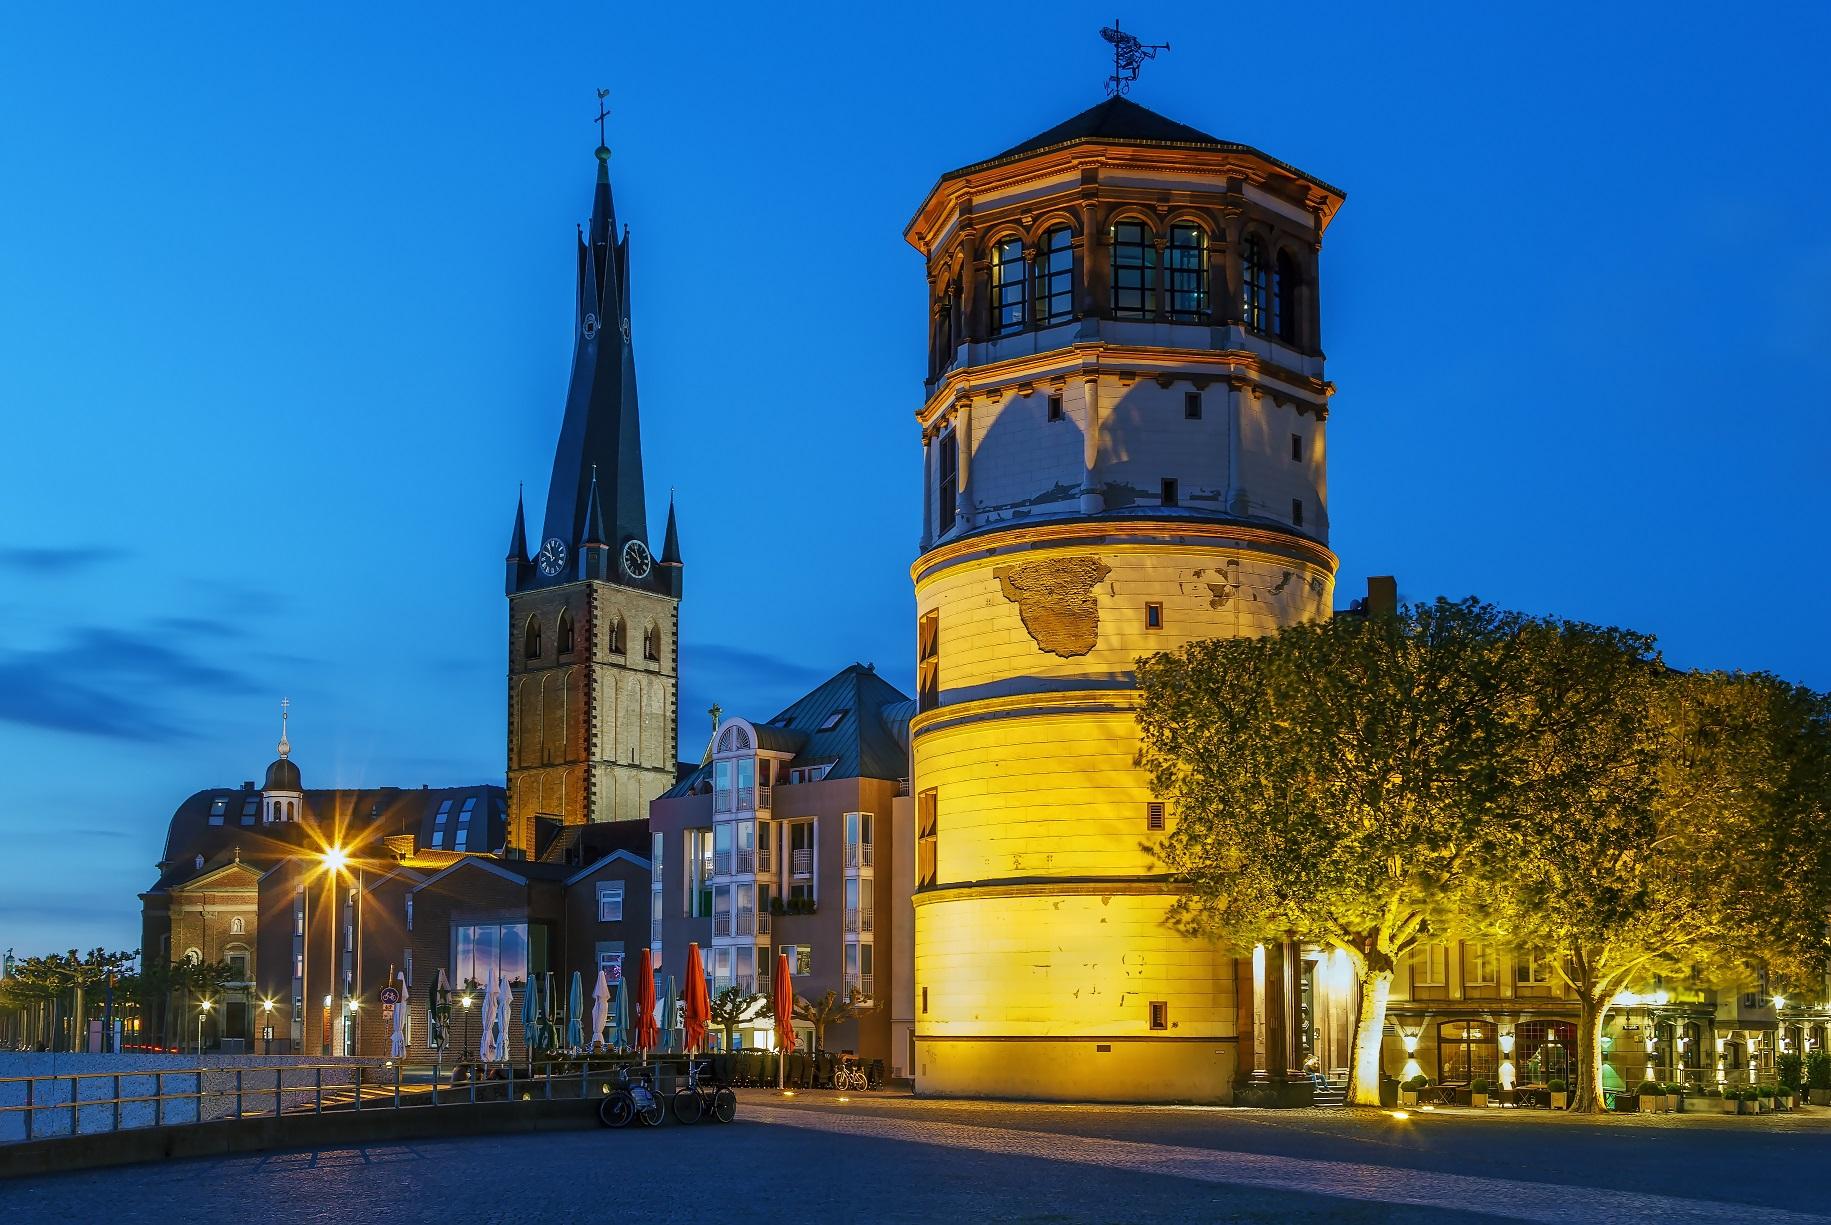 ドイツ デュッセルドルフの聖ランベルトゥス教会